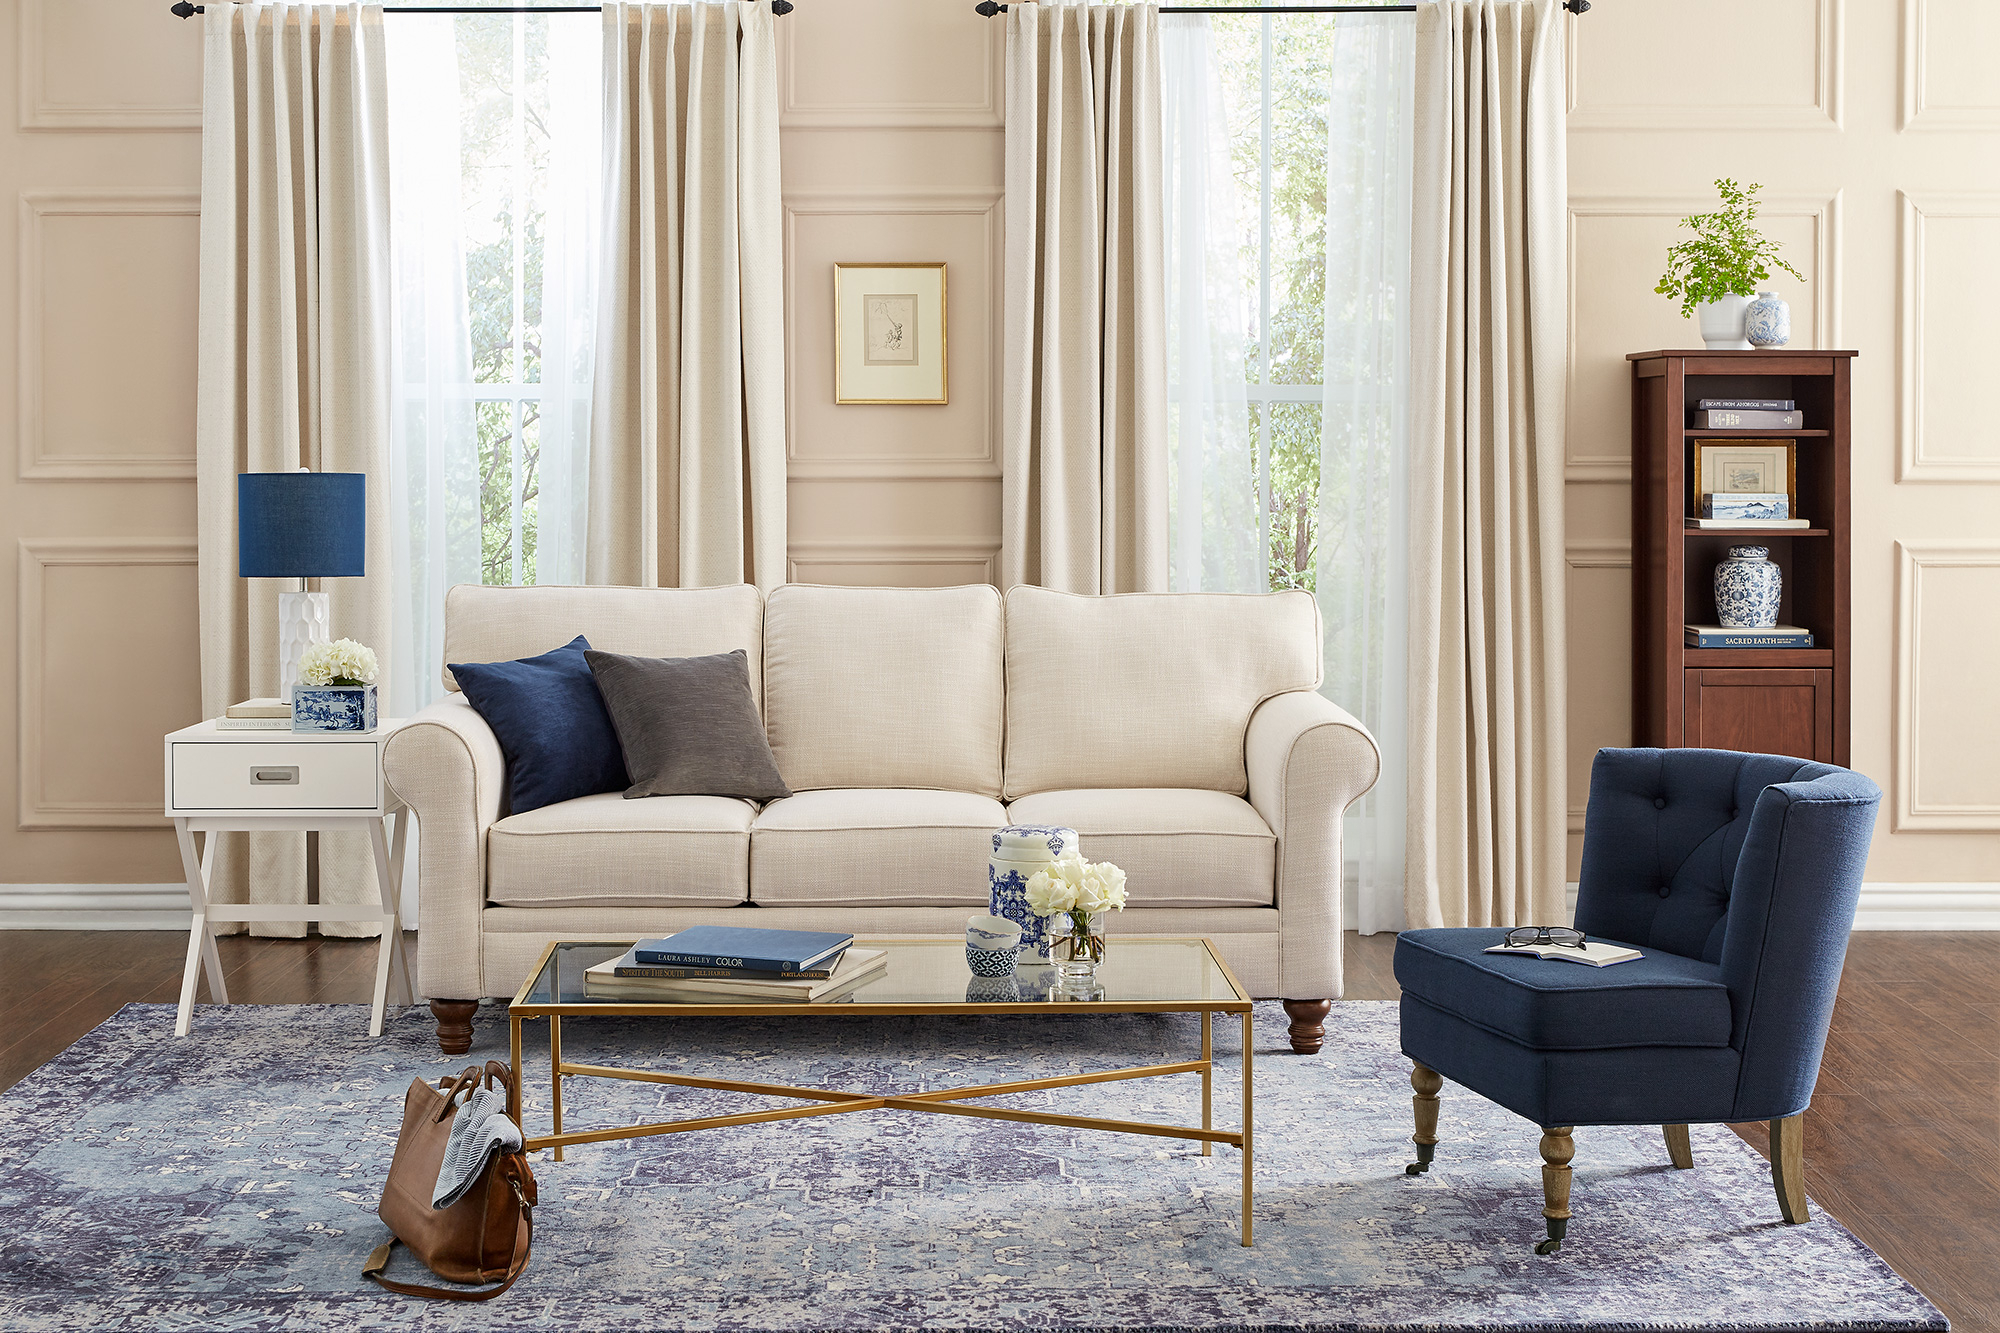 Can't Miss Deals On Hooker Furniture Melange Brockton Intended For Most Current Melange Brockton Sideboards (View 18 of 20)